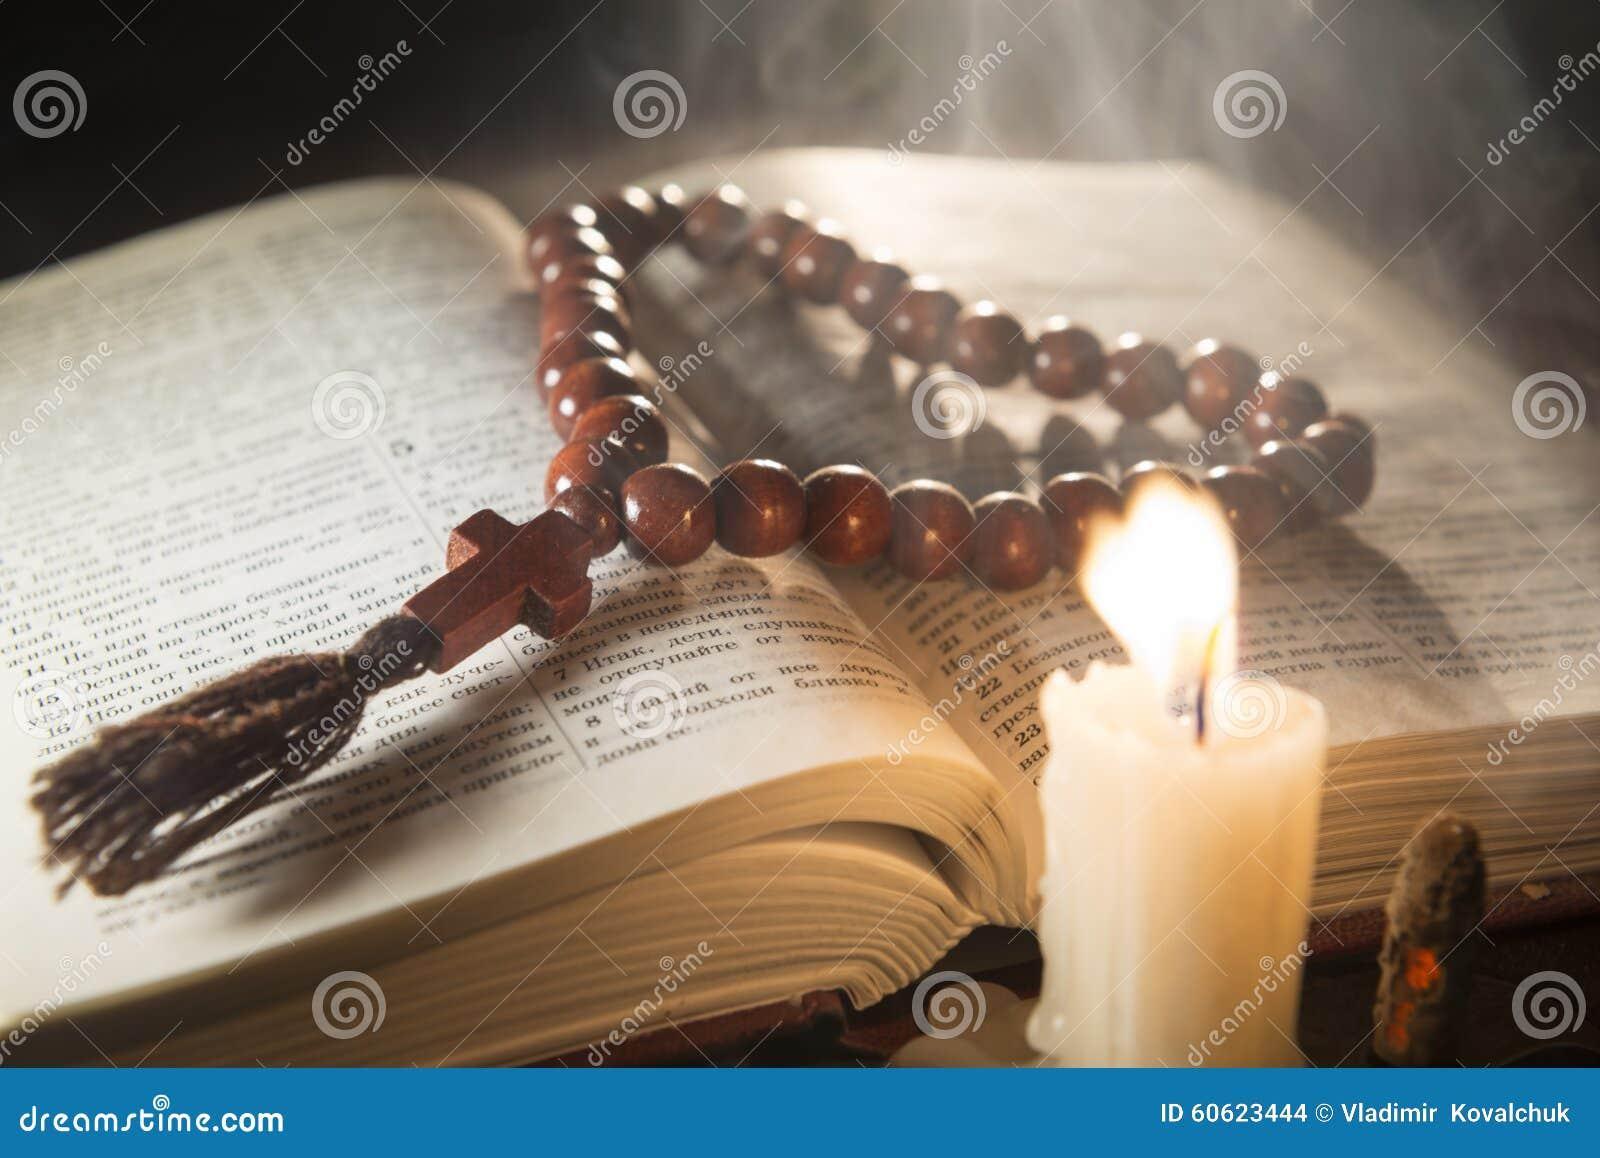 Kerze mit Weihrauch und Heiliger Schrift